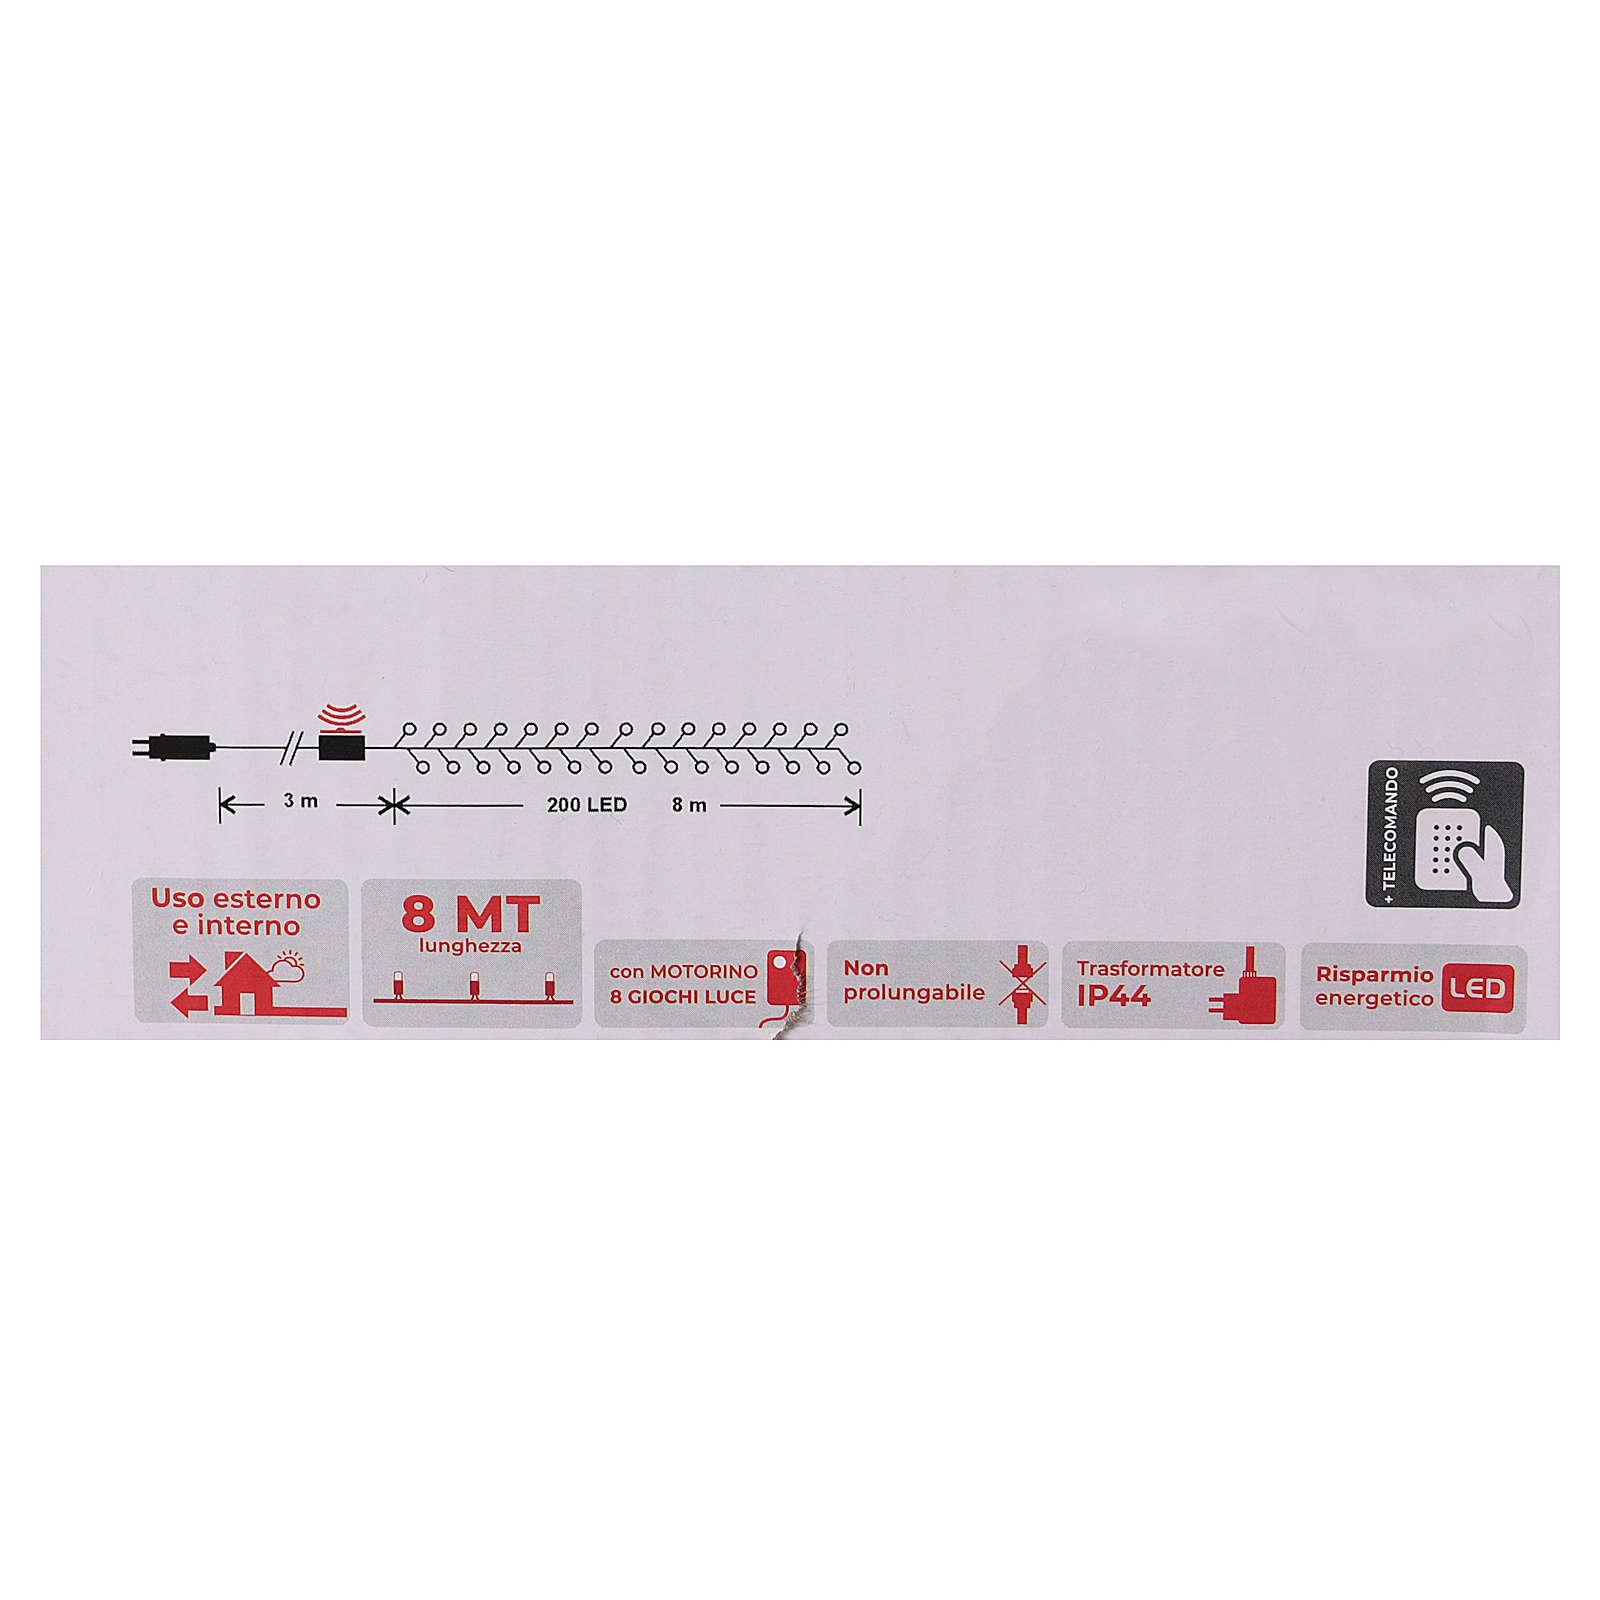 Chaîne 200 LED blanc froid télécommande pour extérieur 220V 3